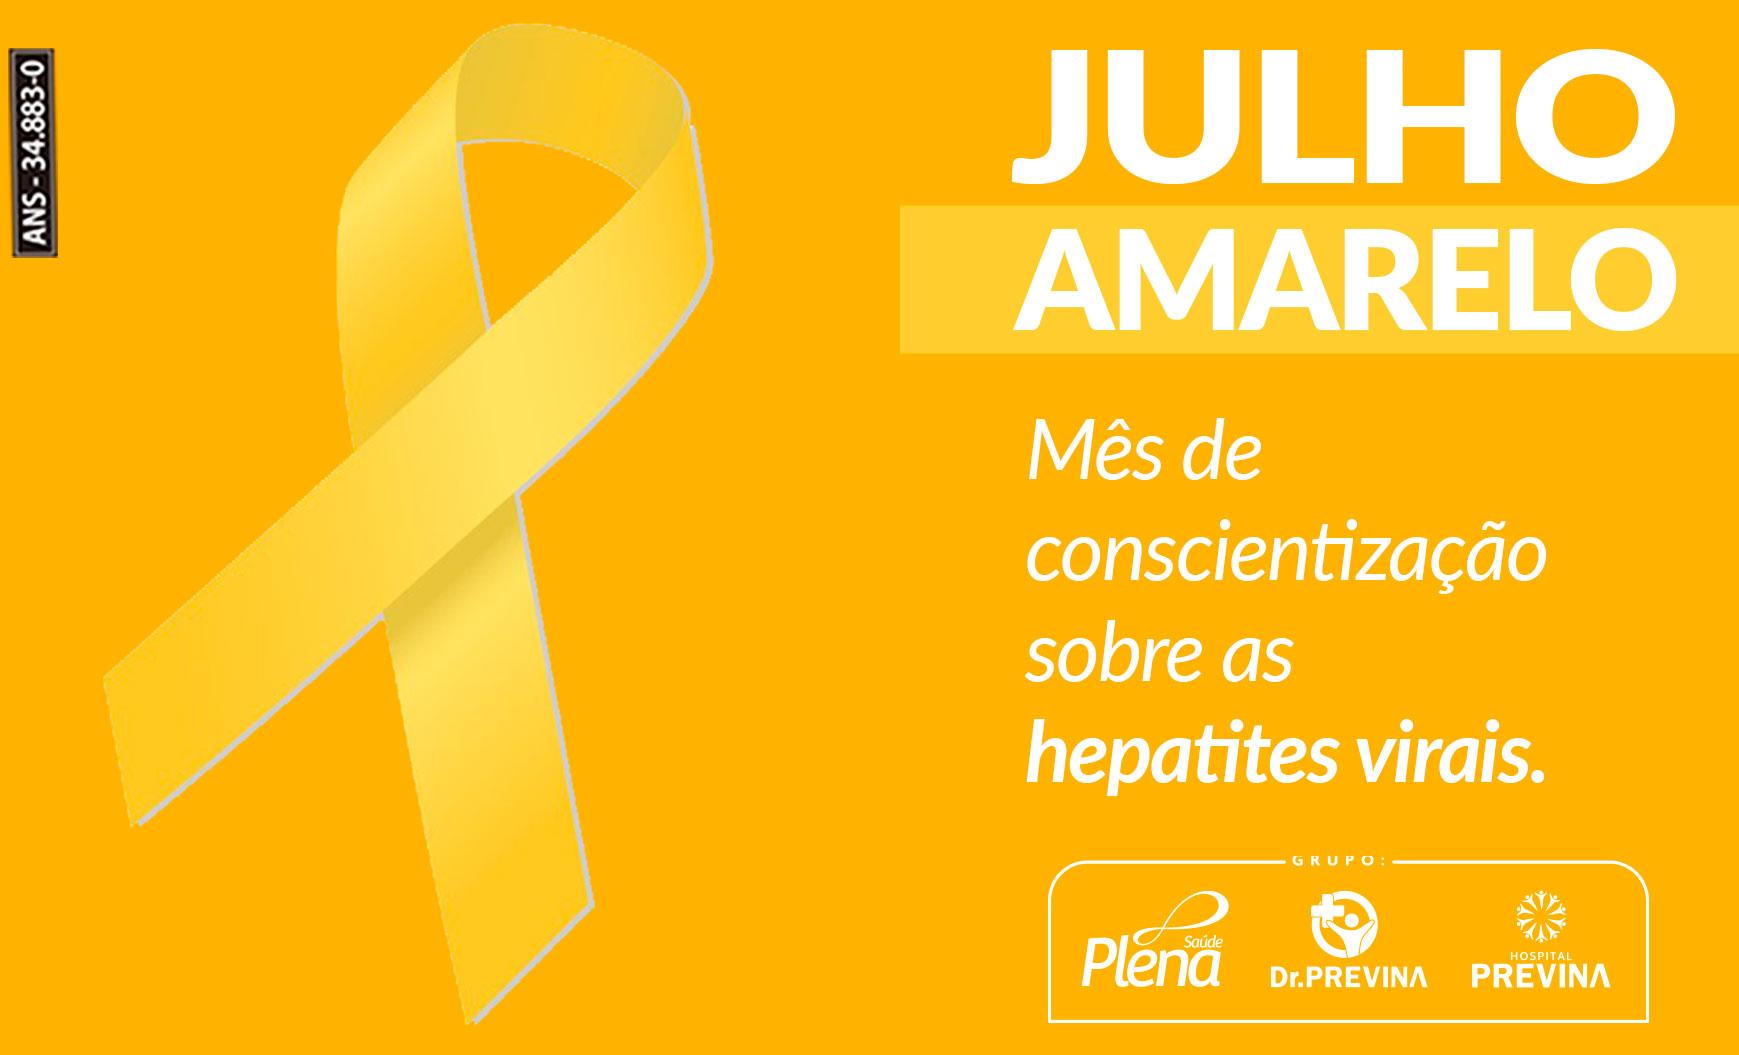 Julho Amarelo – Mês de Conscientização Sobre Hepatites Virais